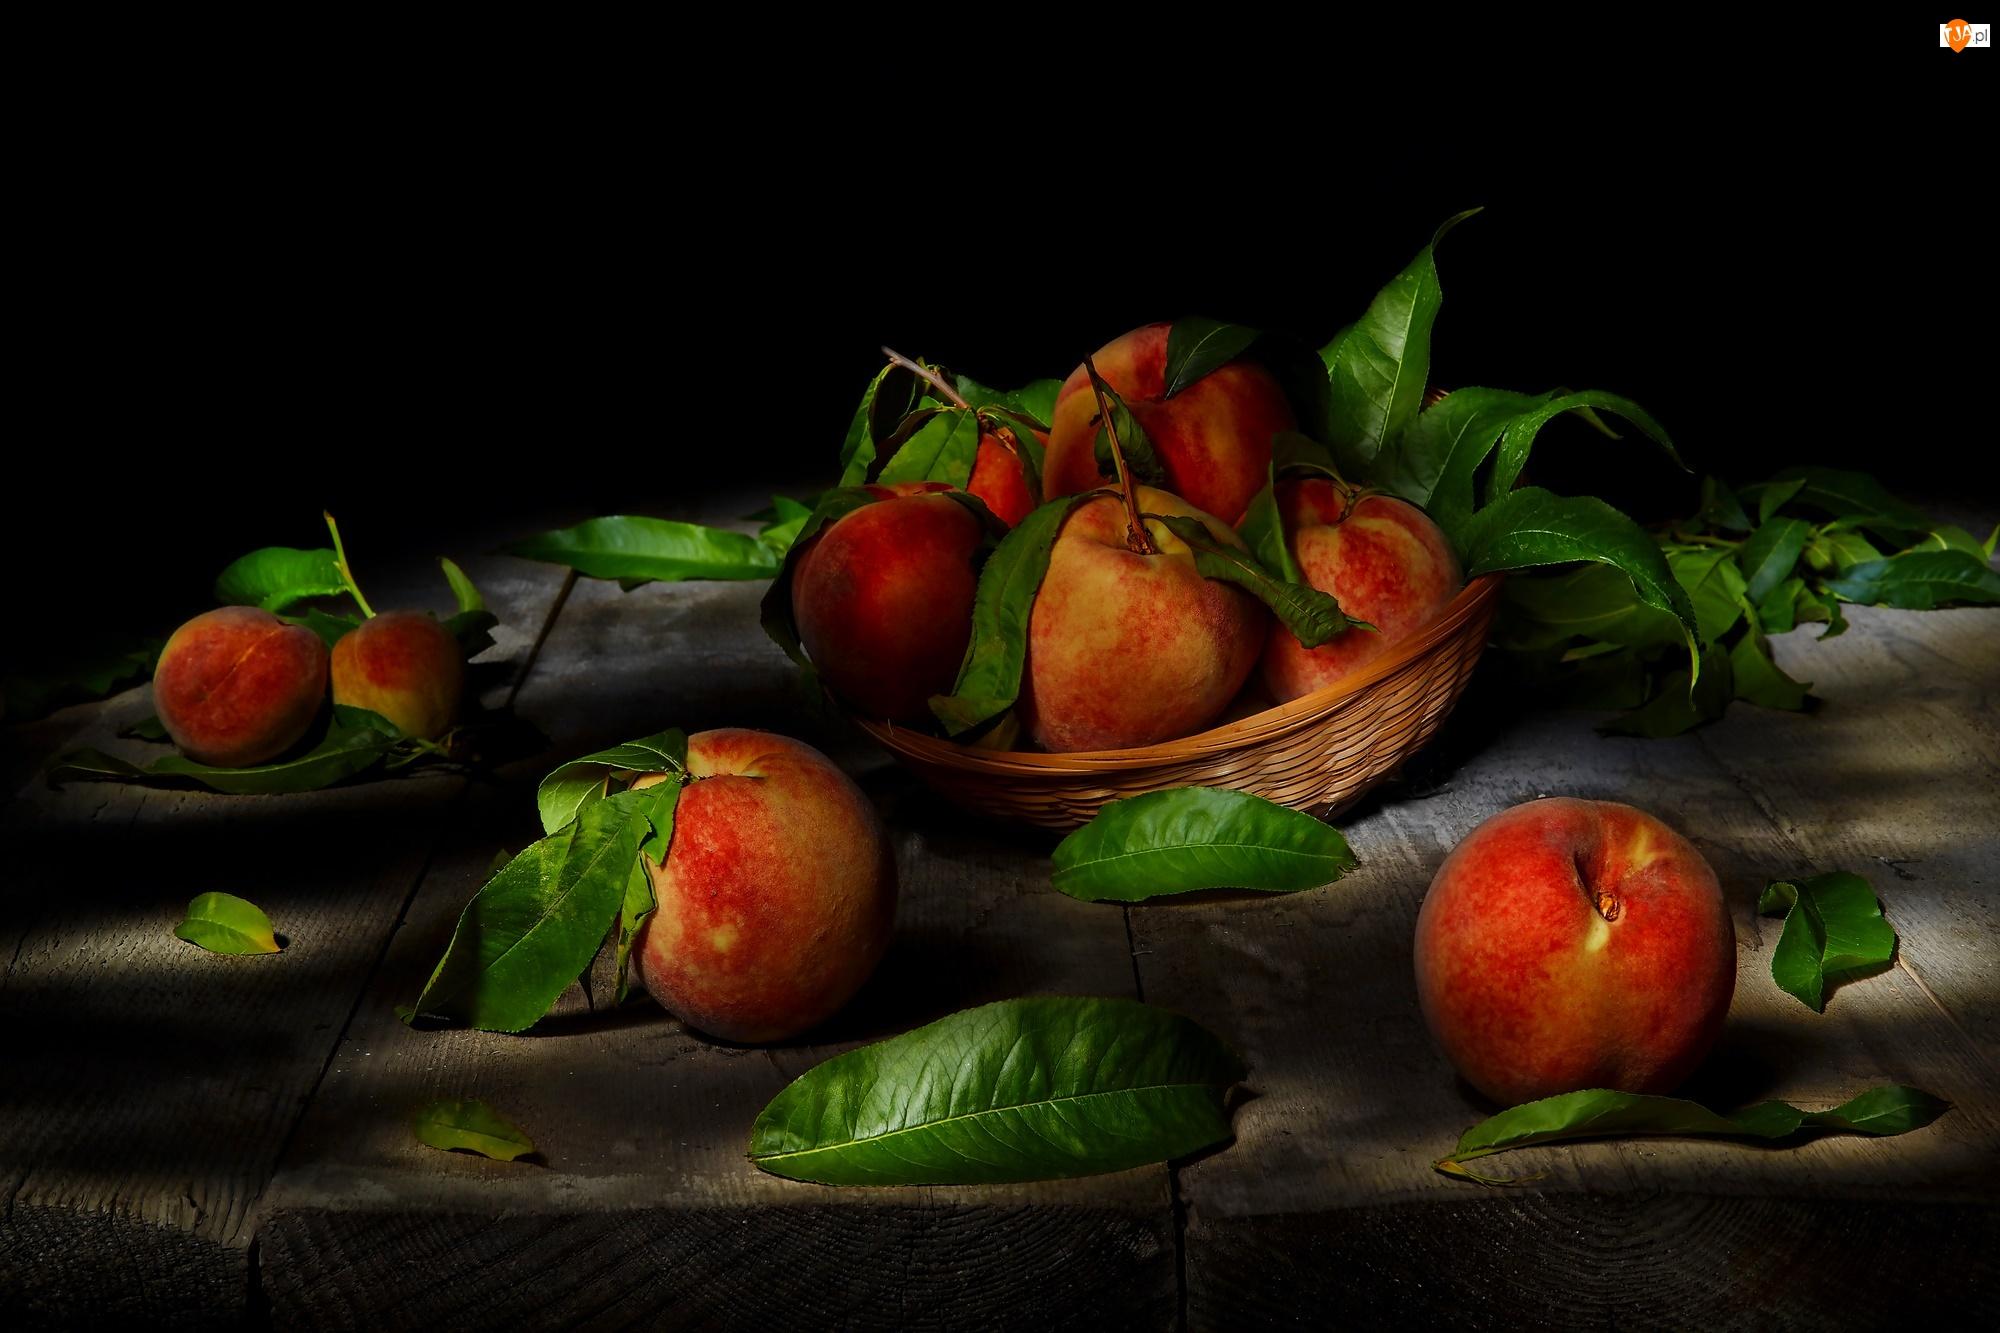 Liście, Owoce, Brzoskwinie, Koszyczek